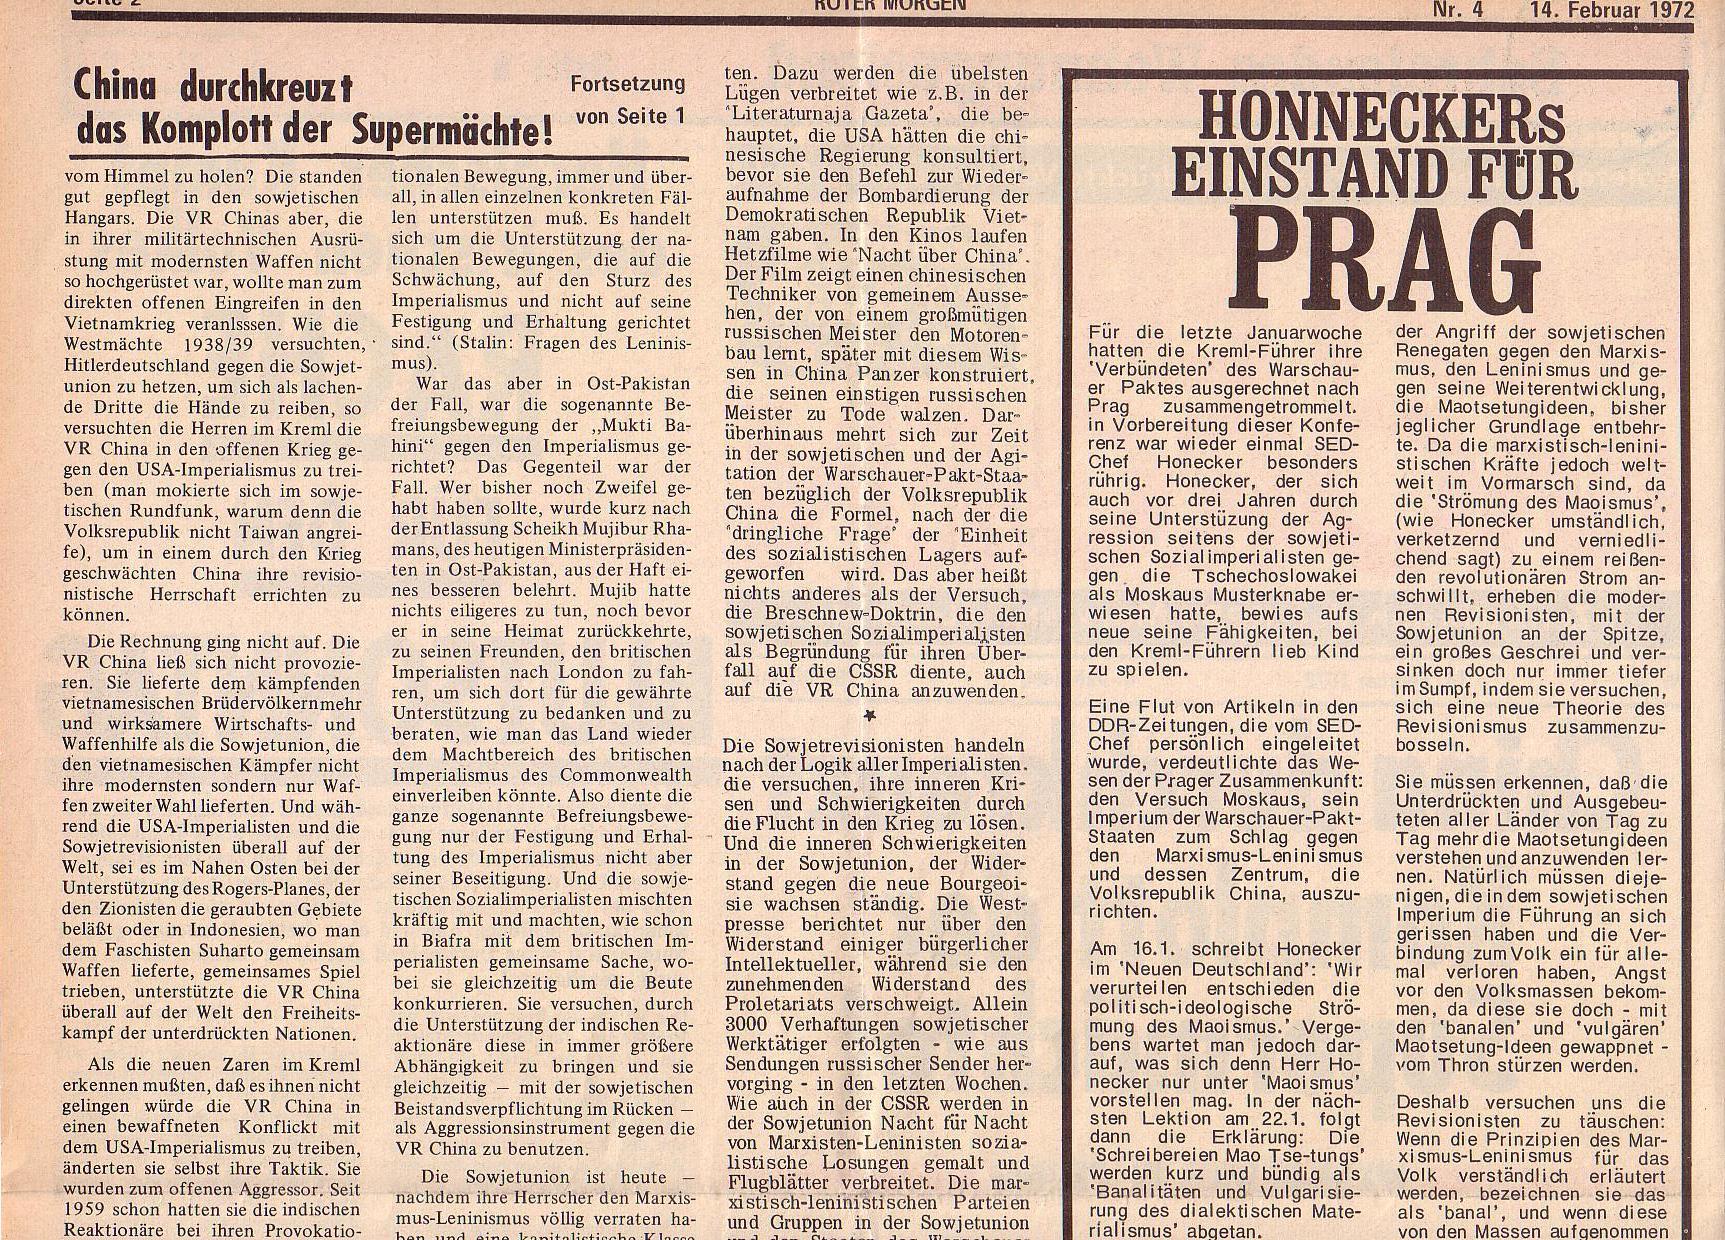 Roter Morgen, 6. Jg., 14. Februar 1972, Nr. 4, Seite 2a